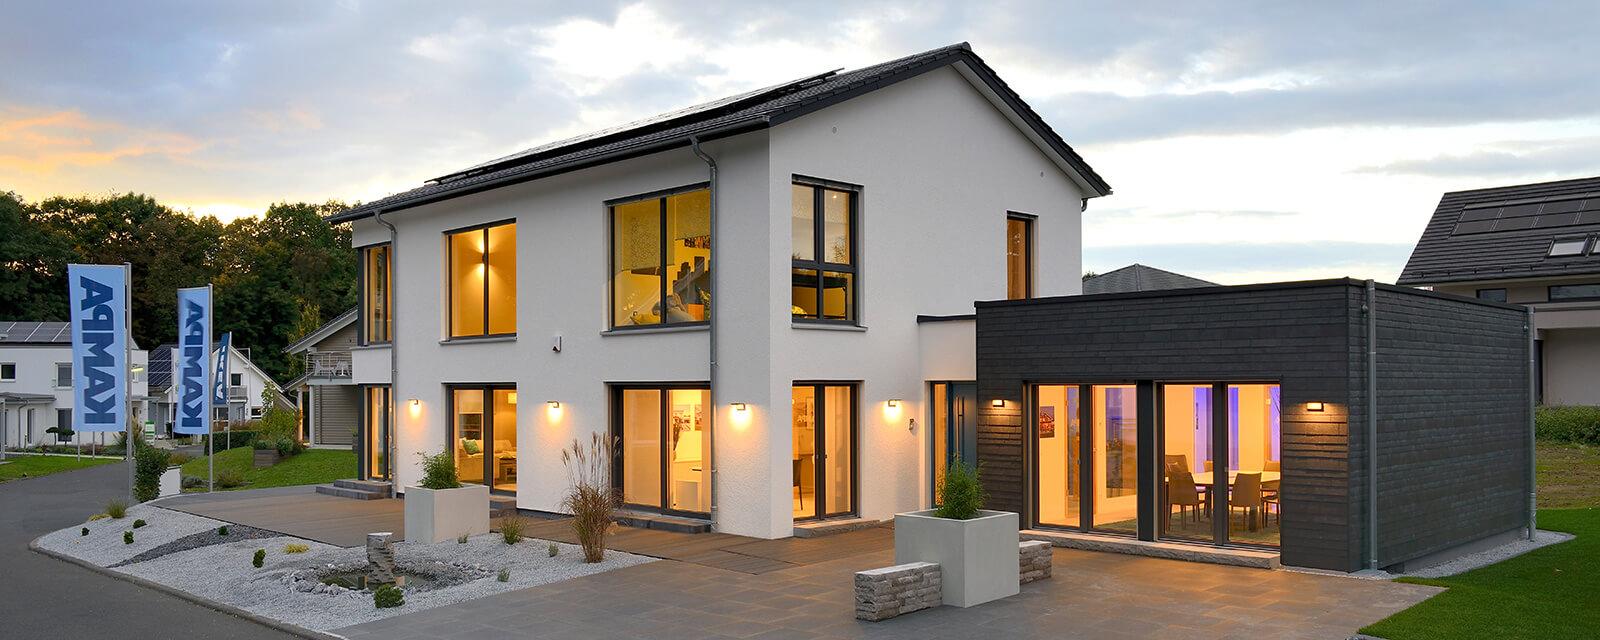 Musterhaus-Lanos-Bad-Vilbel-Image1 - KAMPA Wohnwelten